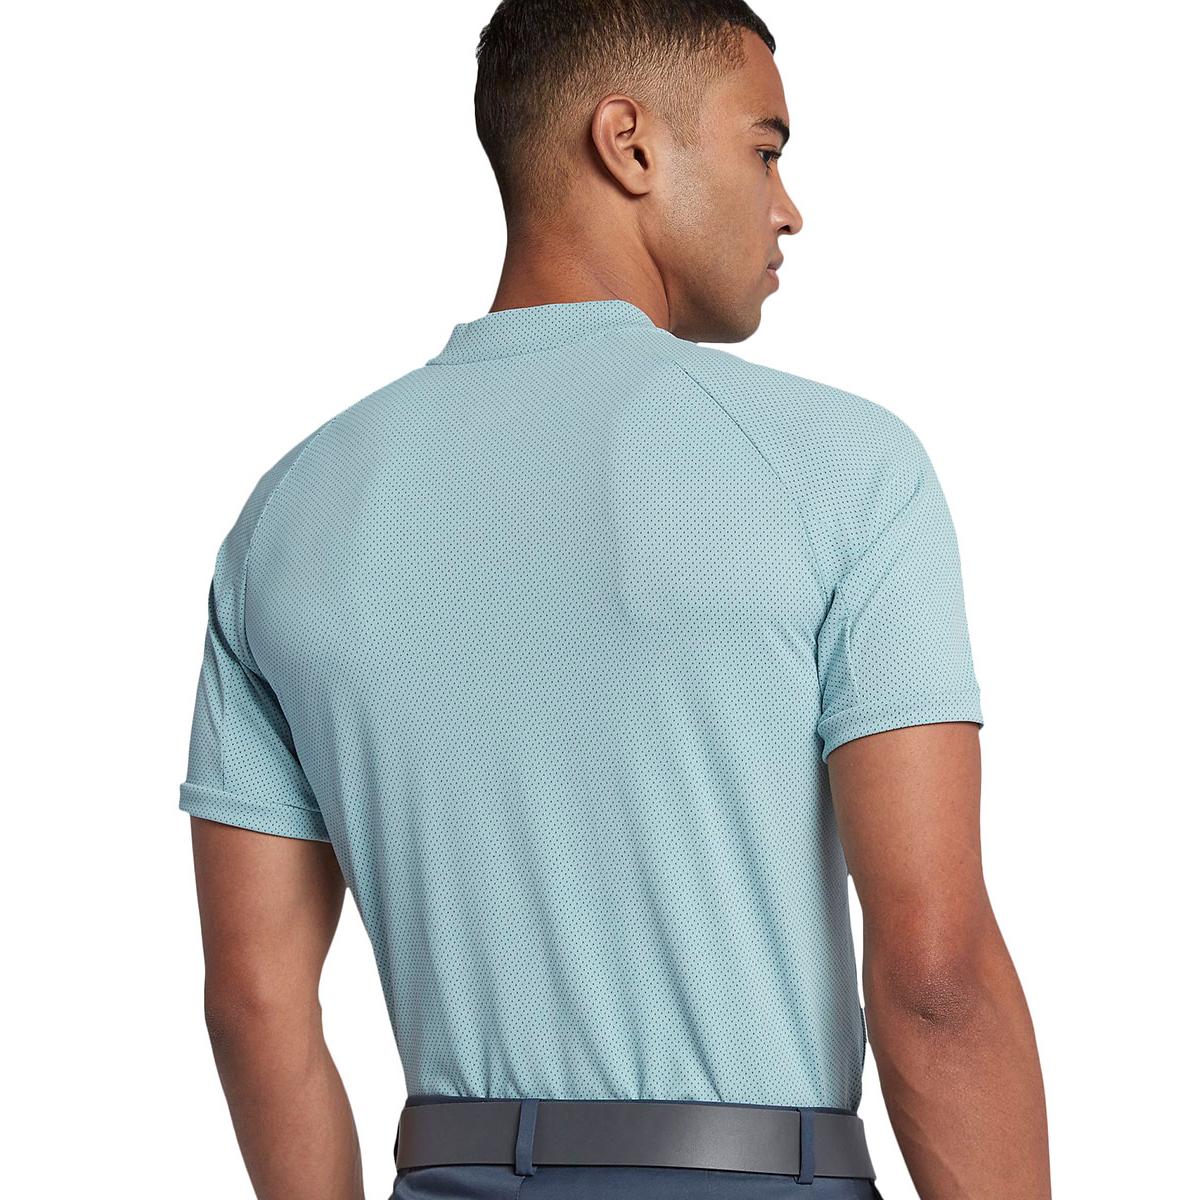 e0b6b775d1 Nike Golf Zonal Cooling Momentum Polo Shirt | Online Golf